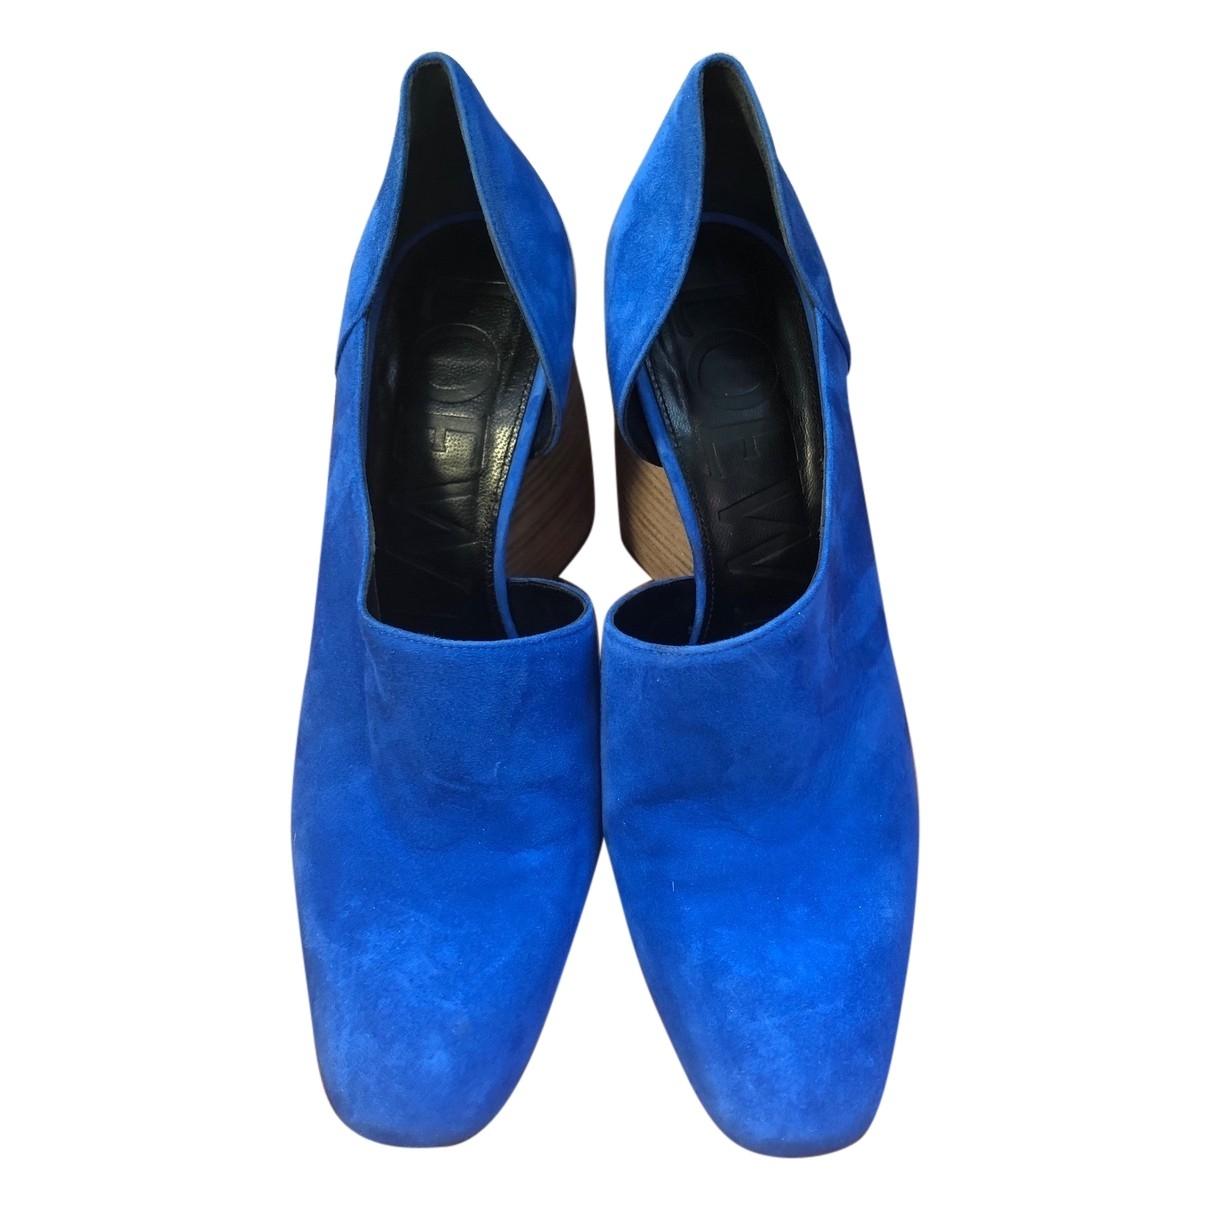 Loewe \N Blue Suede Heels for Women 38 EU